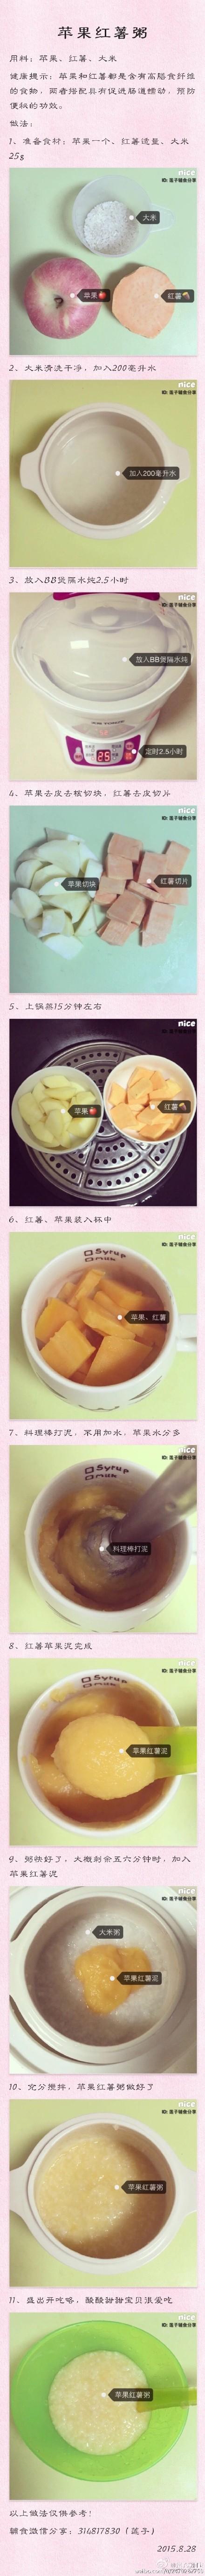 苹果红薯粥适合7个月以上的宝宝食材:苹果,红薯,大米。酸酸甜甜营养果蔬粥,具有促进肠道蠕动,预防便秘的功效哦。做法仅供参考!小宝宝可以拌米粉吃。